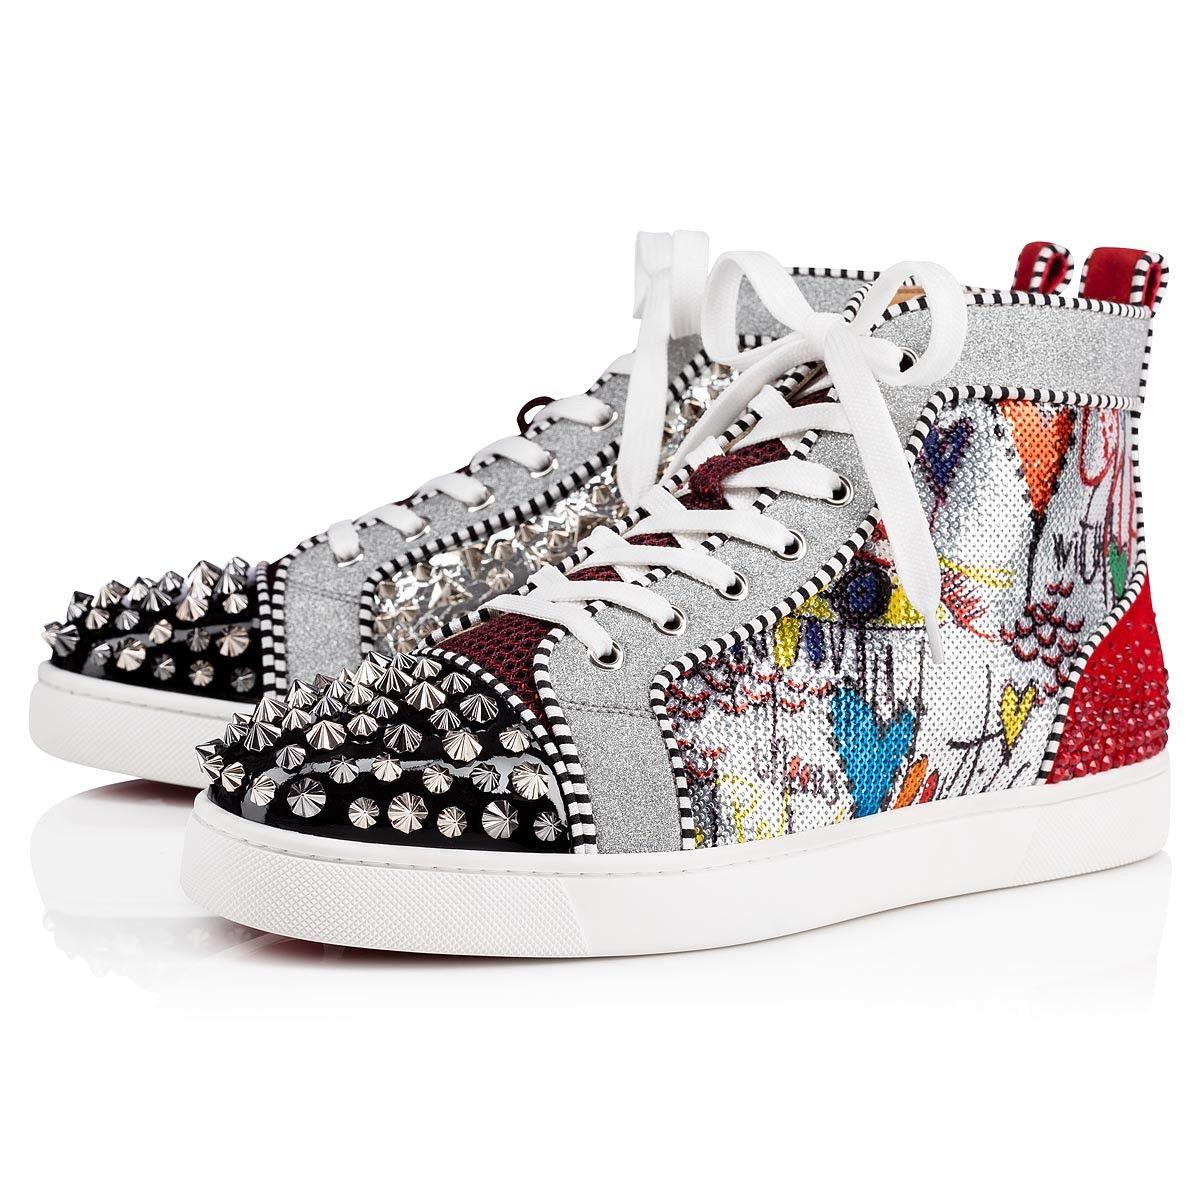 Erkekler Kadınlar Rahat Ayakkabılar Kırmızı Taban Alt Çivili Spike Sneakers Moda Siyah Kırmızı Beyaz Deri Rhinestone Yüksek Kesim Ayakkabı Sneakers